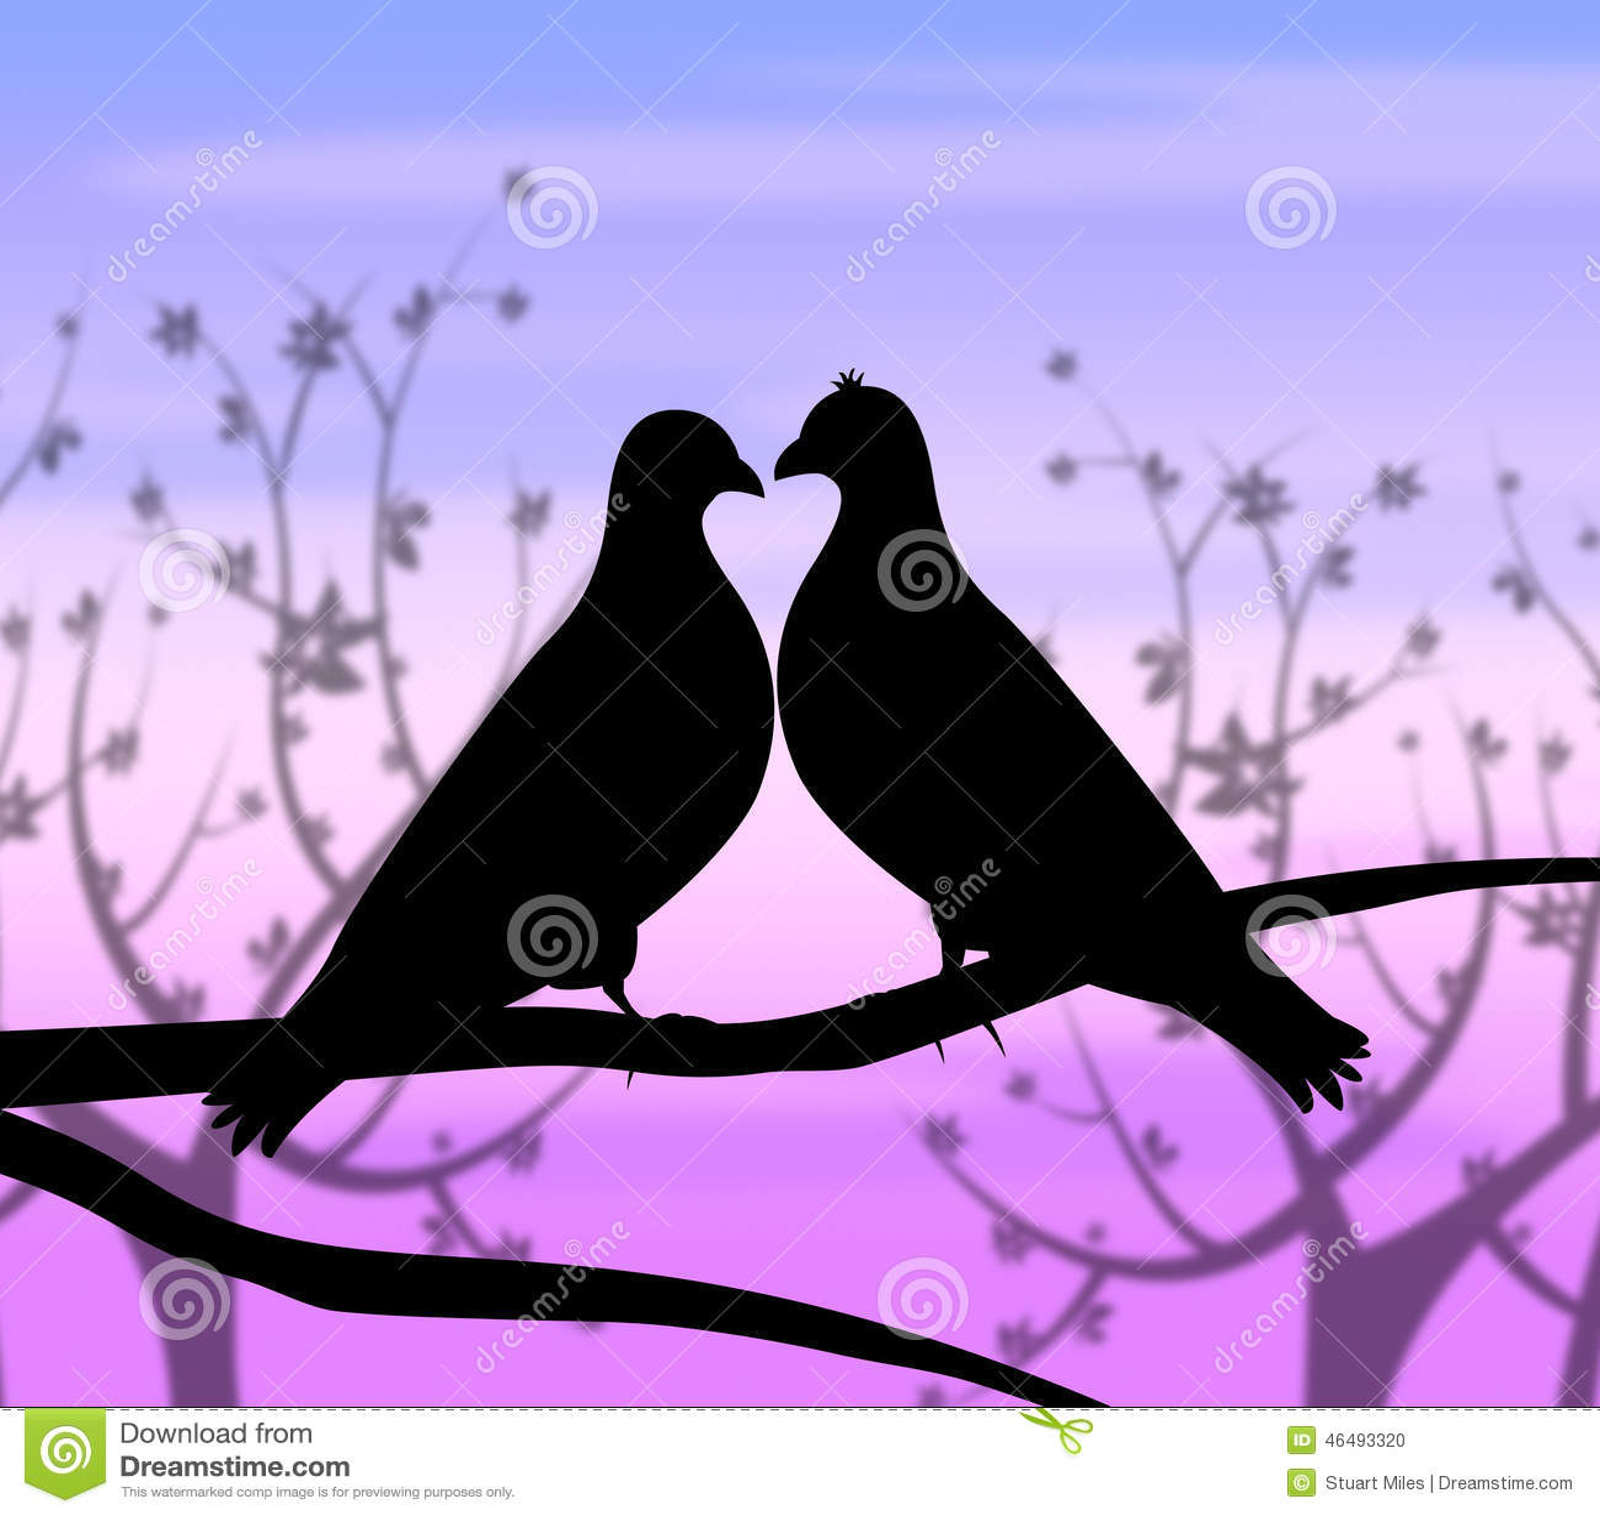 Los Pájaros Del Amor Representan La Pasión Y El Corazón De La